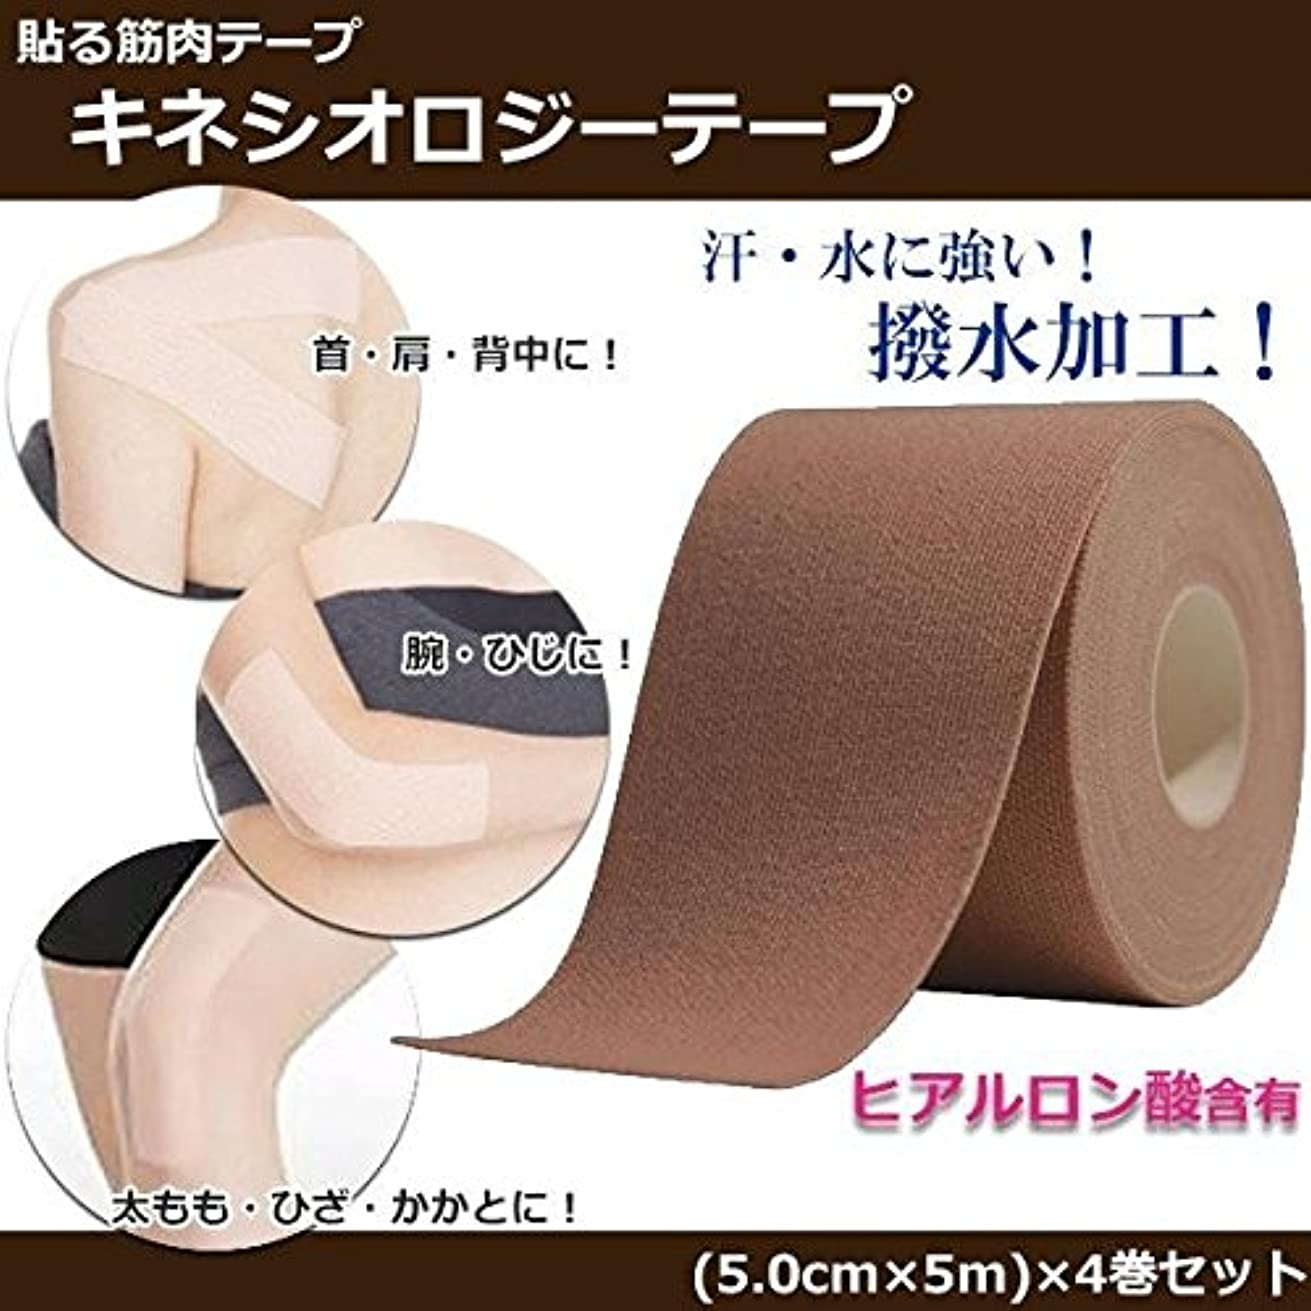 症候群降臨湿原貼る筋肉テープ キネシオロジーテープ ヒアルロン酸含有 日本製 4巻セット